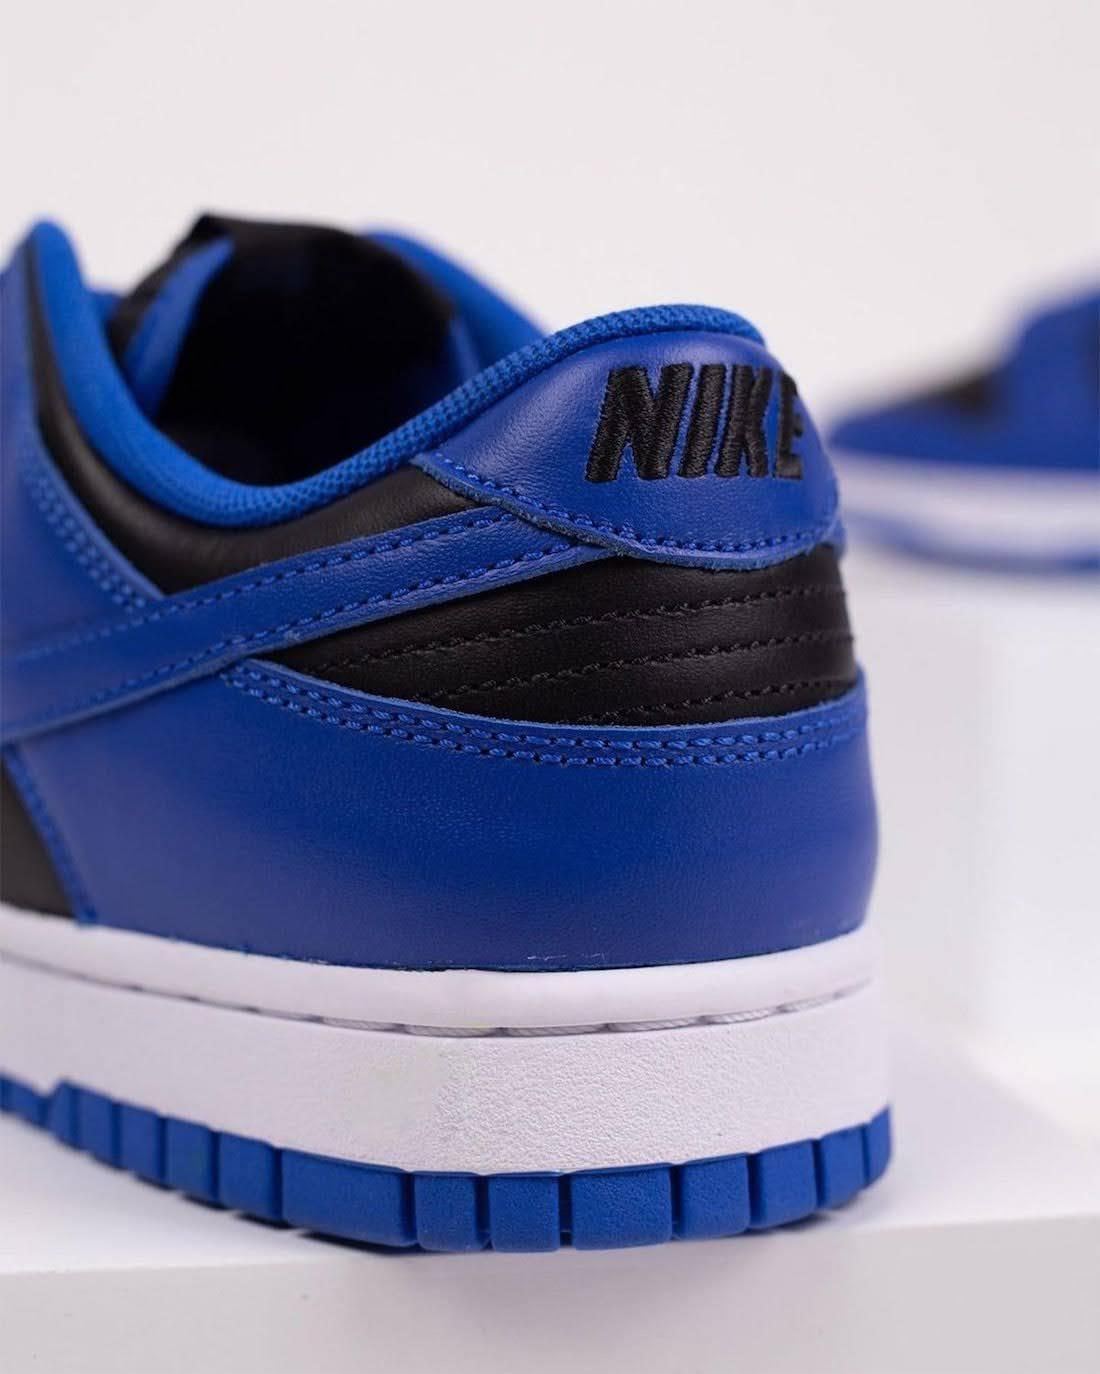 """ナイキ ダンク ロー """"ハイパー コバルト"""" Nike-Dunk-Low-Hyper-Cobalt-DD1391-001-heel"""